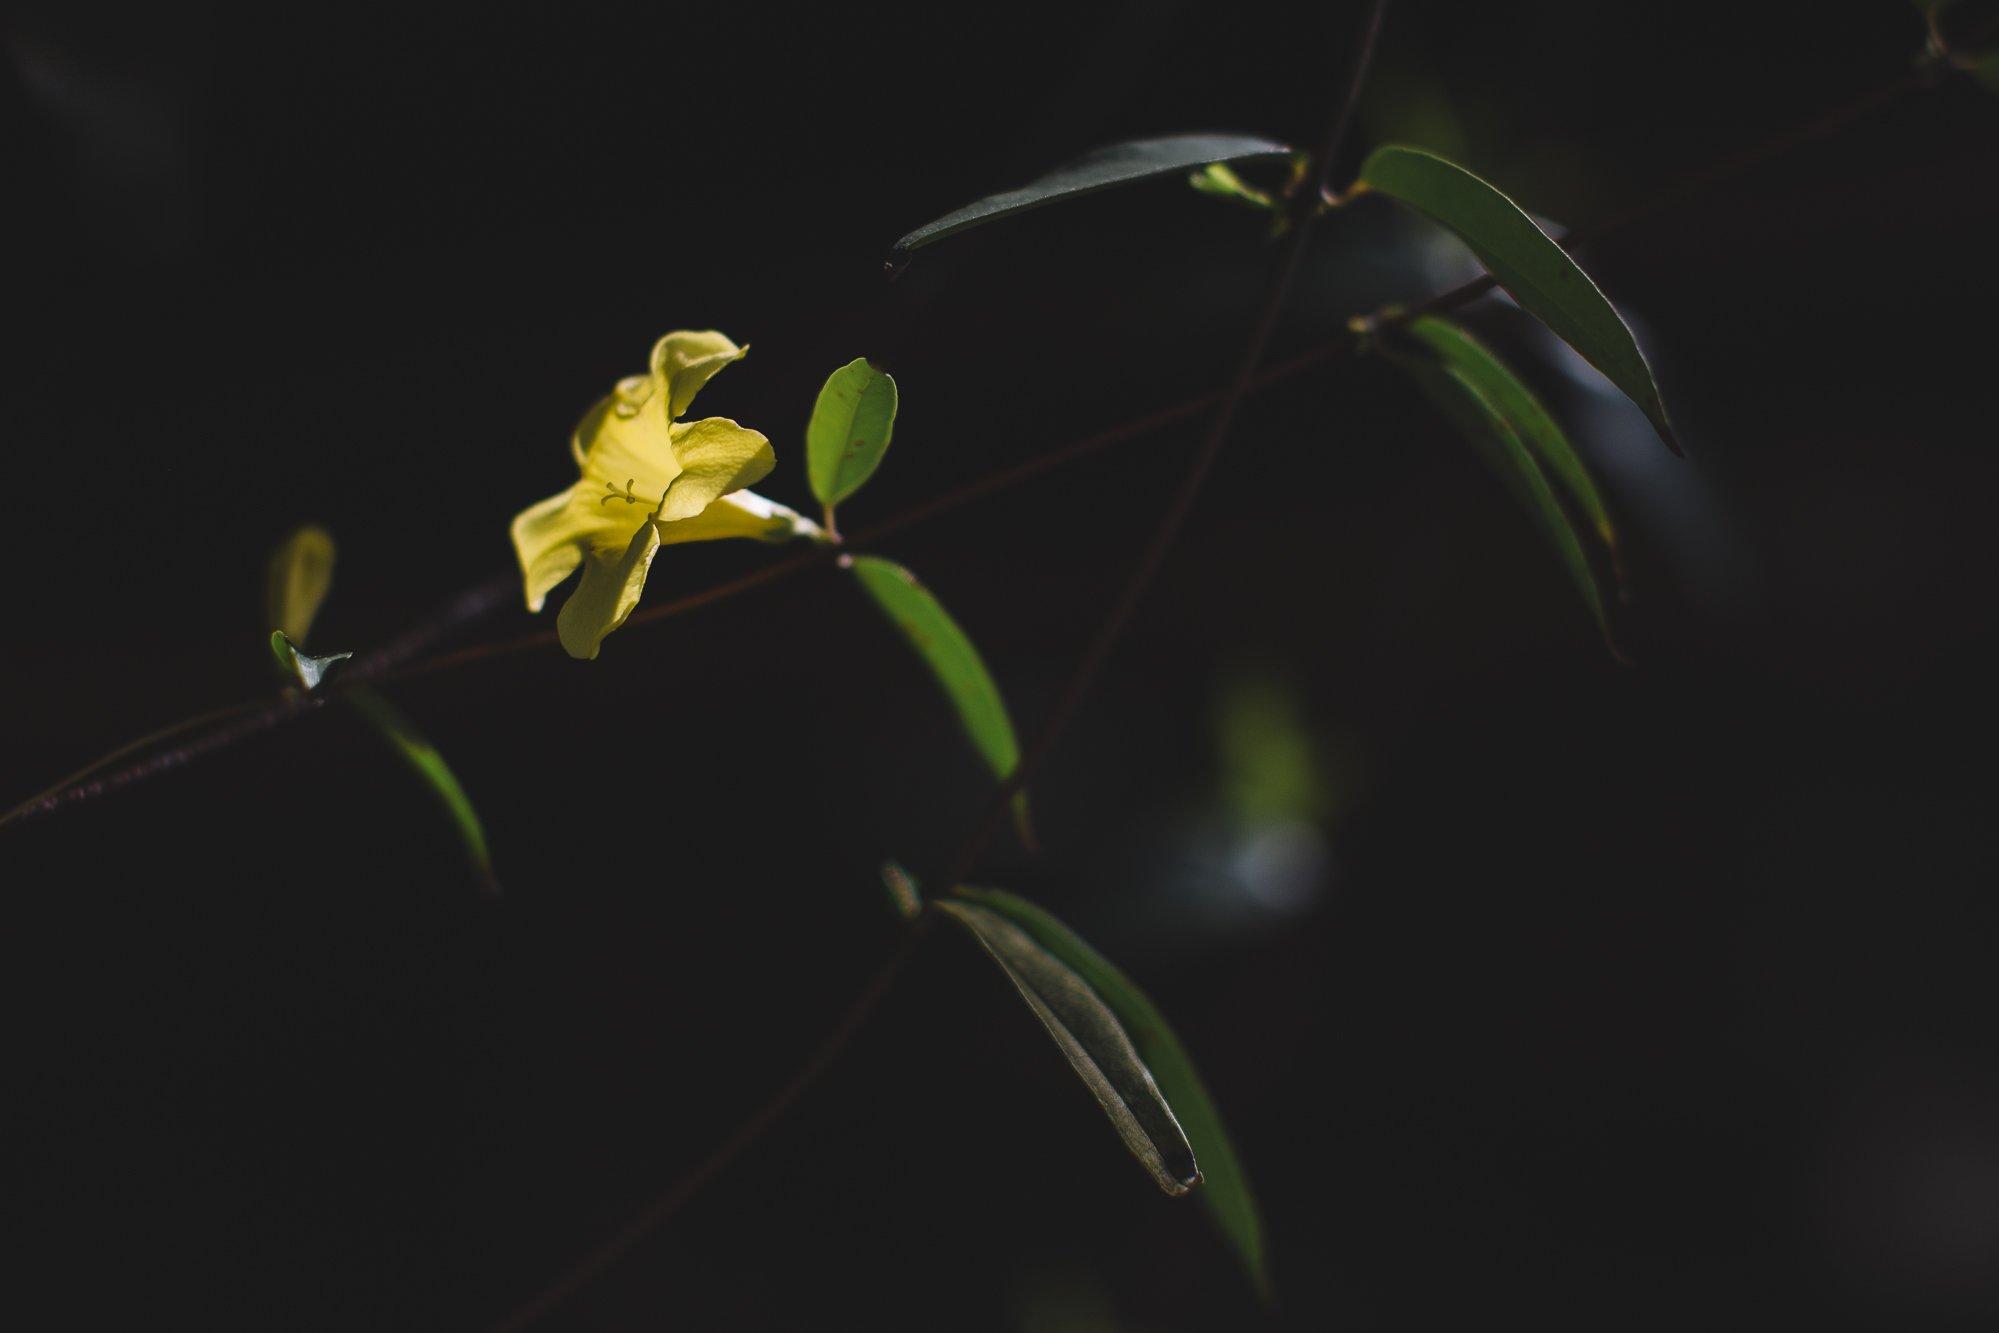 landscape-photography-indianapolis-nashville-2017-13